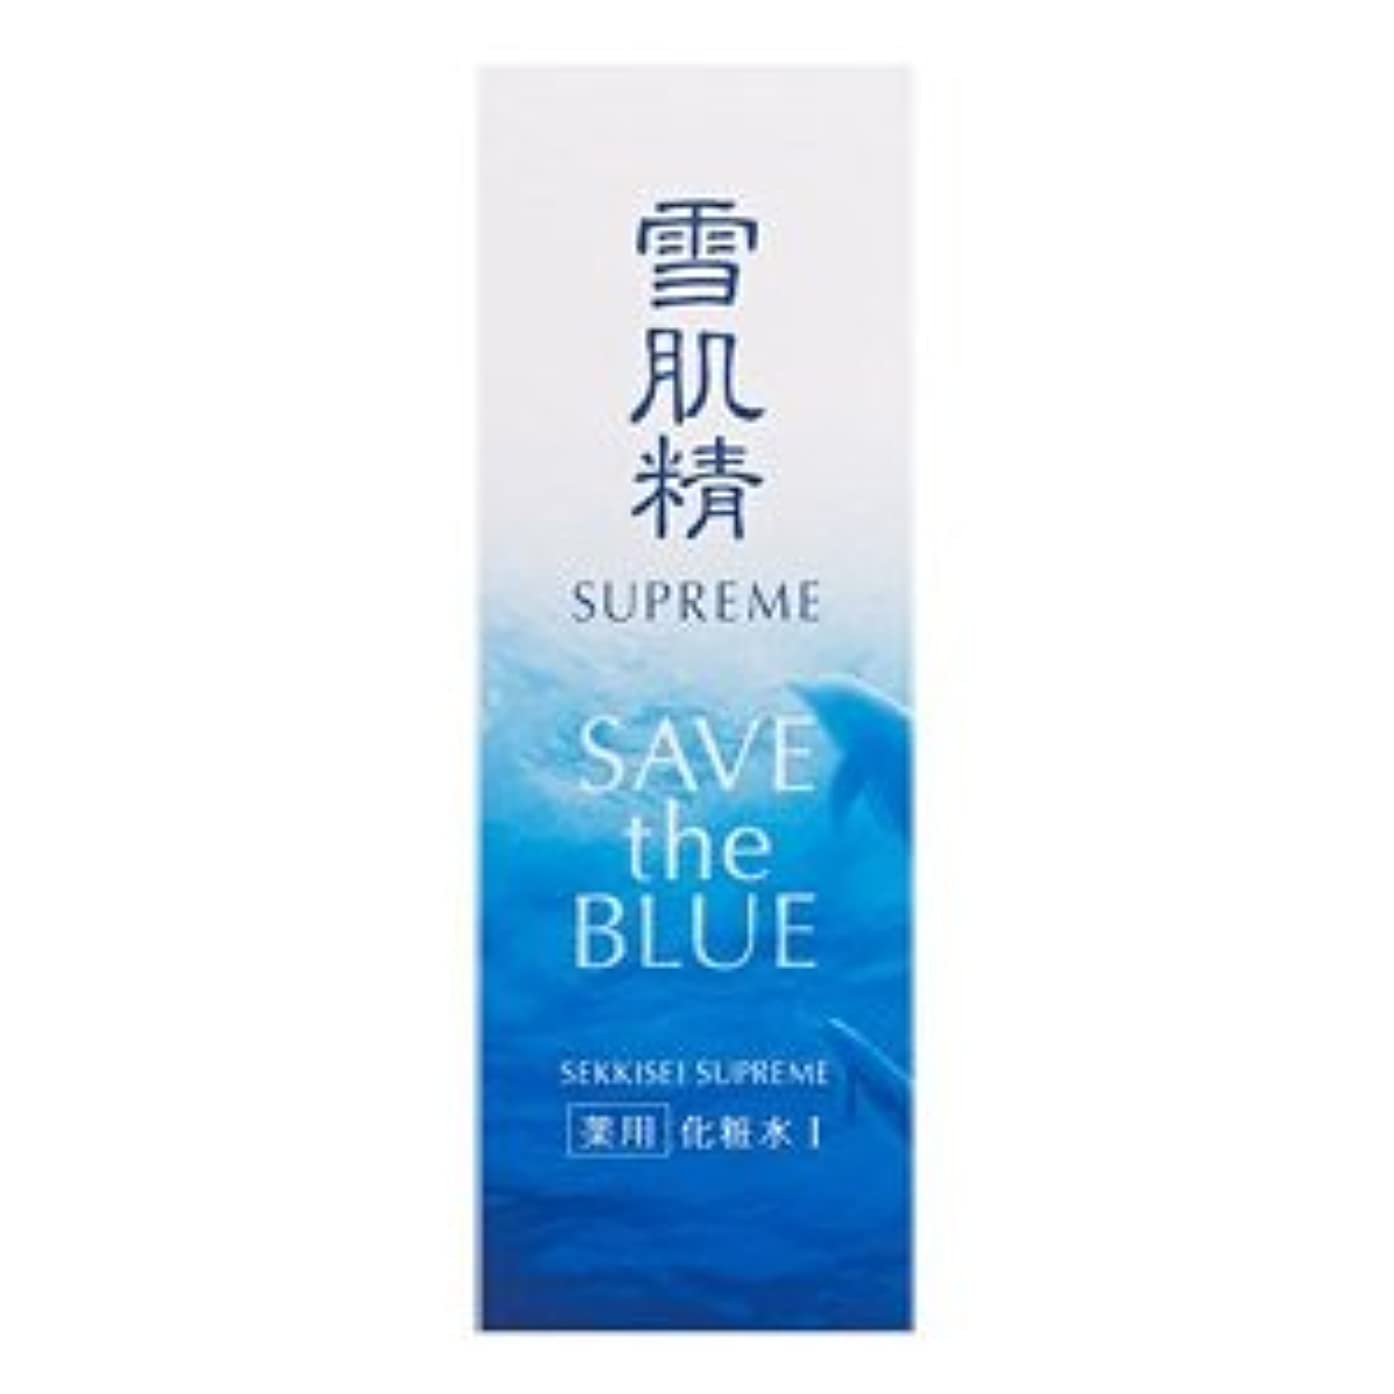 主張用心深い広告するコーセー 雪肌精 シュープレム 化粧水 Ⅰ みずみずしいうるおい 400ml アウトレット